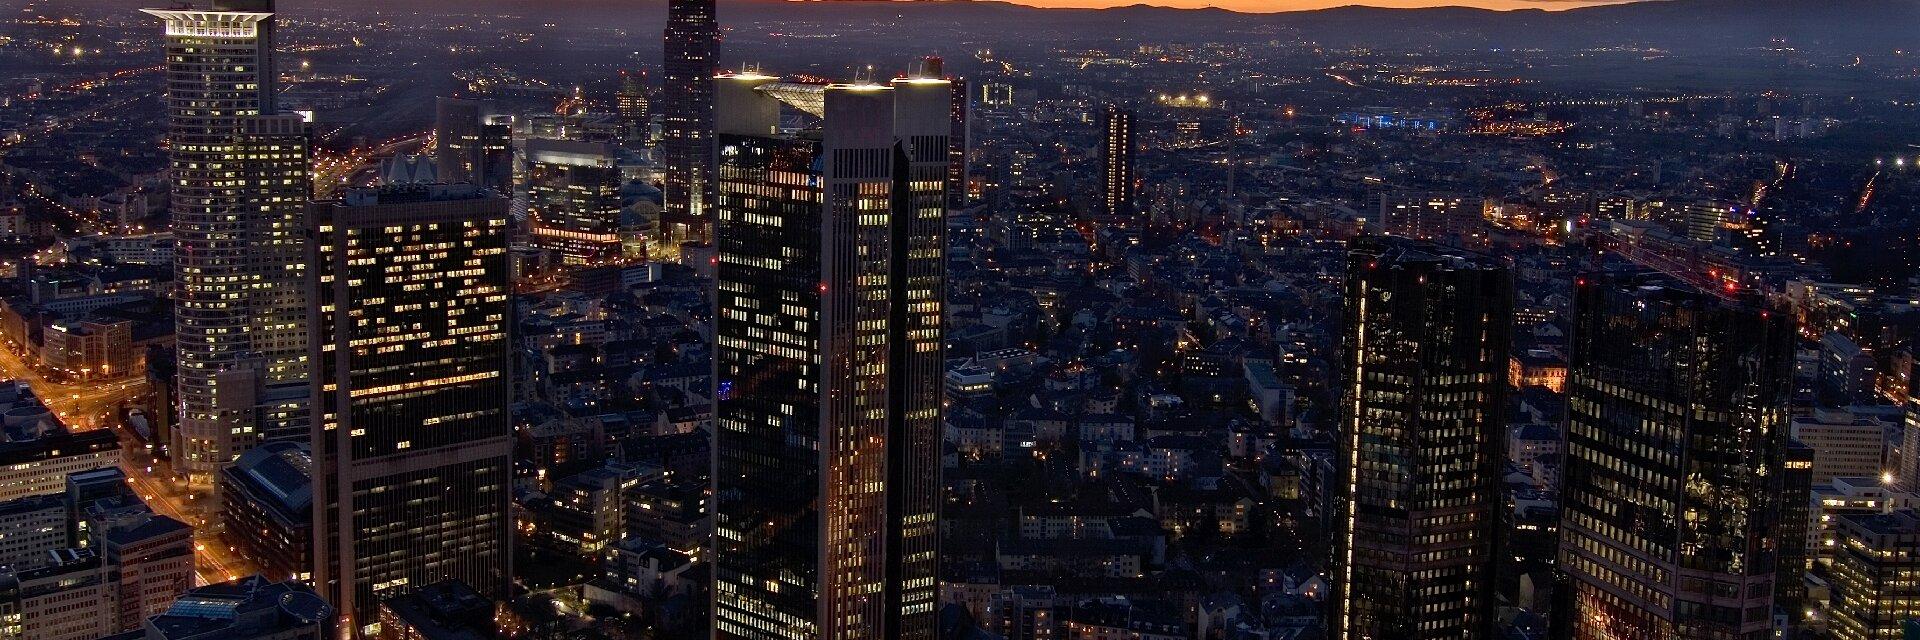 Поиск отелей во Франкфурте-на-Майне